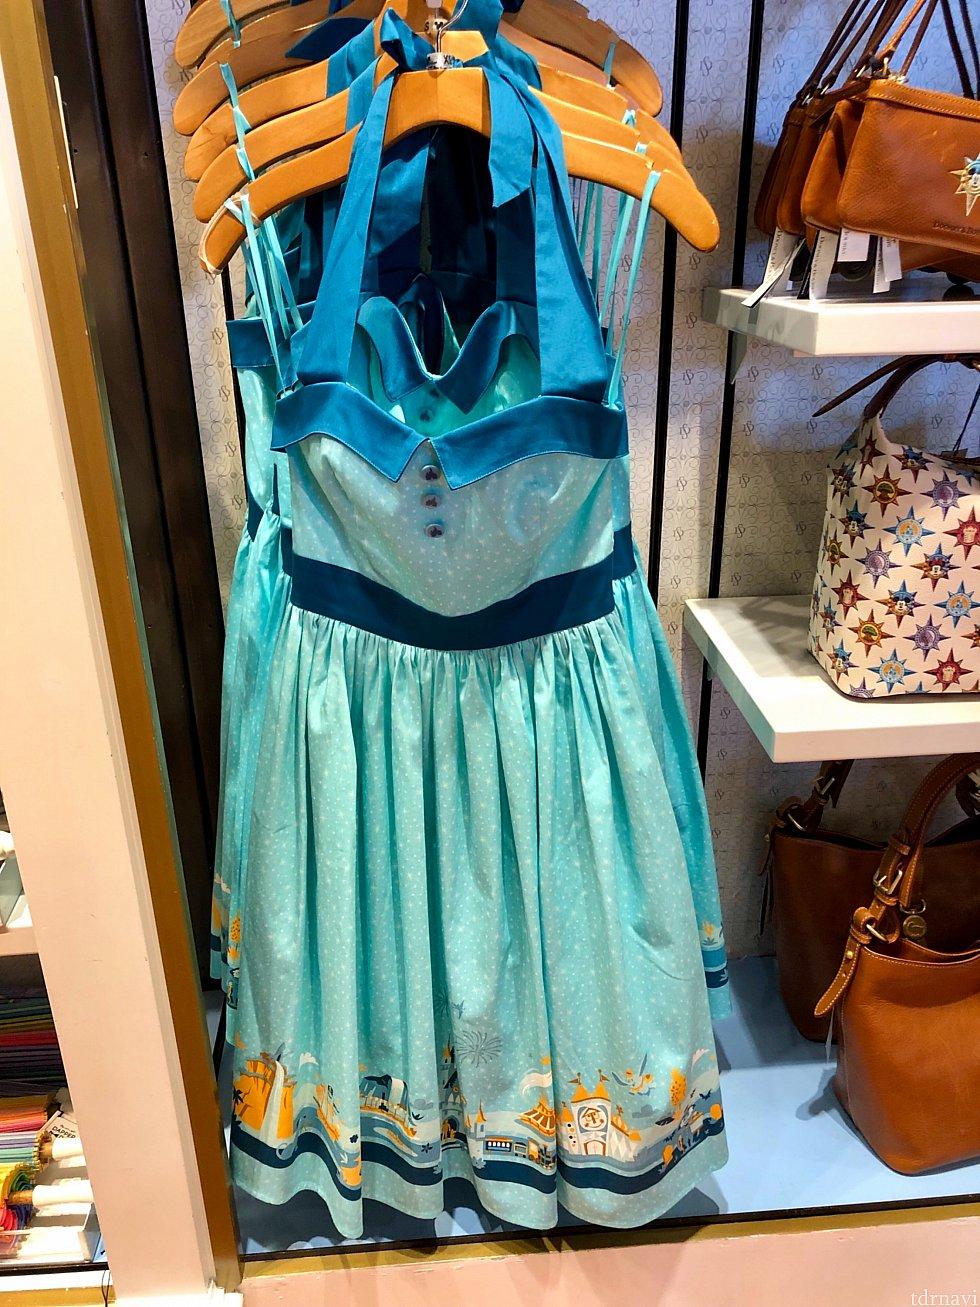 このブルー系の色合わせが本当に綺麗だと思いました。ディズニーのクラッシックアトラクションのドレス。このイラストシリーズのグッズも人気です。$108。